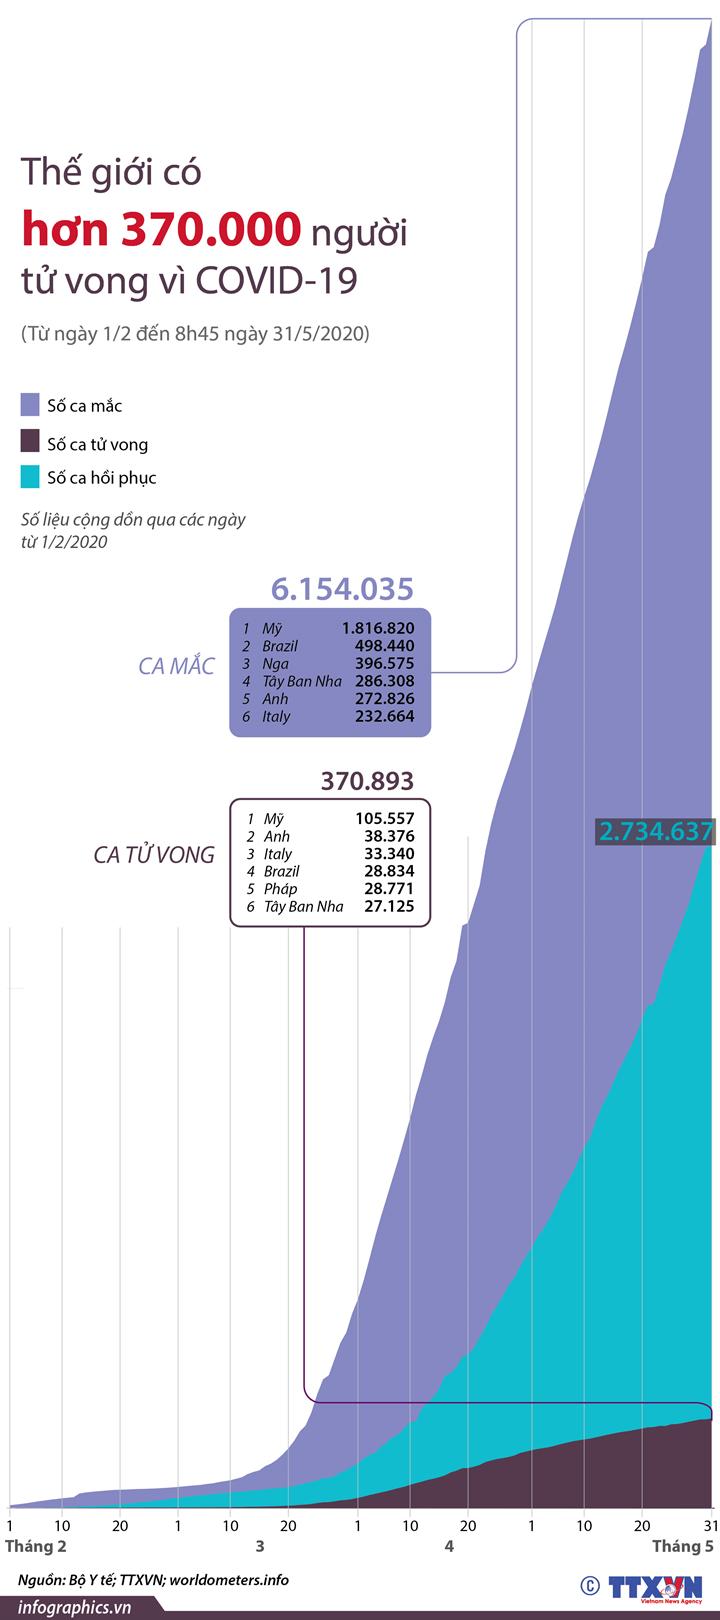 Thế giới có hơn 370.000 người tử vong do COVID-19  (Từ ngày 1/2 đến 8h45 ngày 31/5/2020)